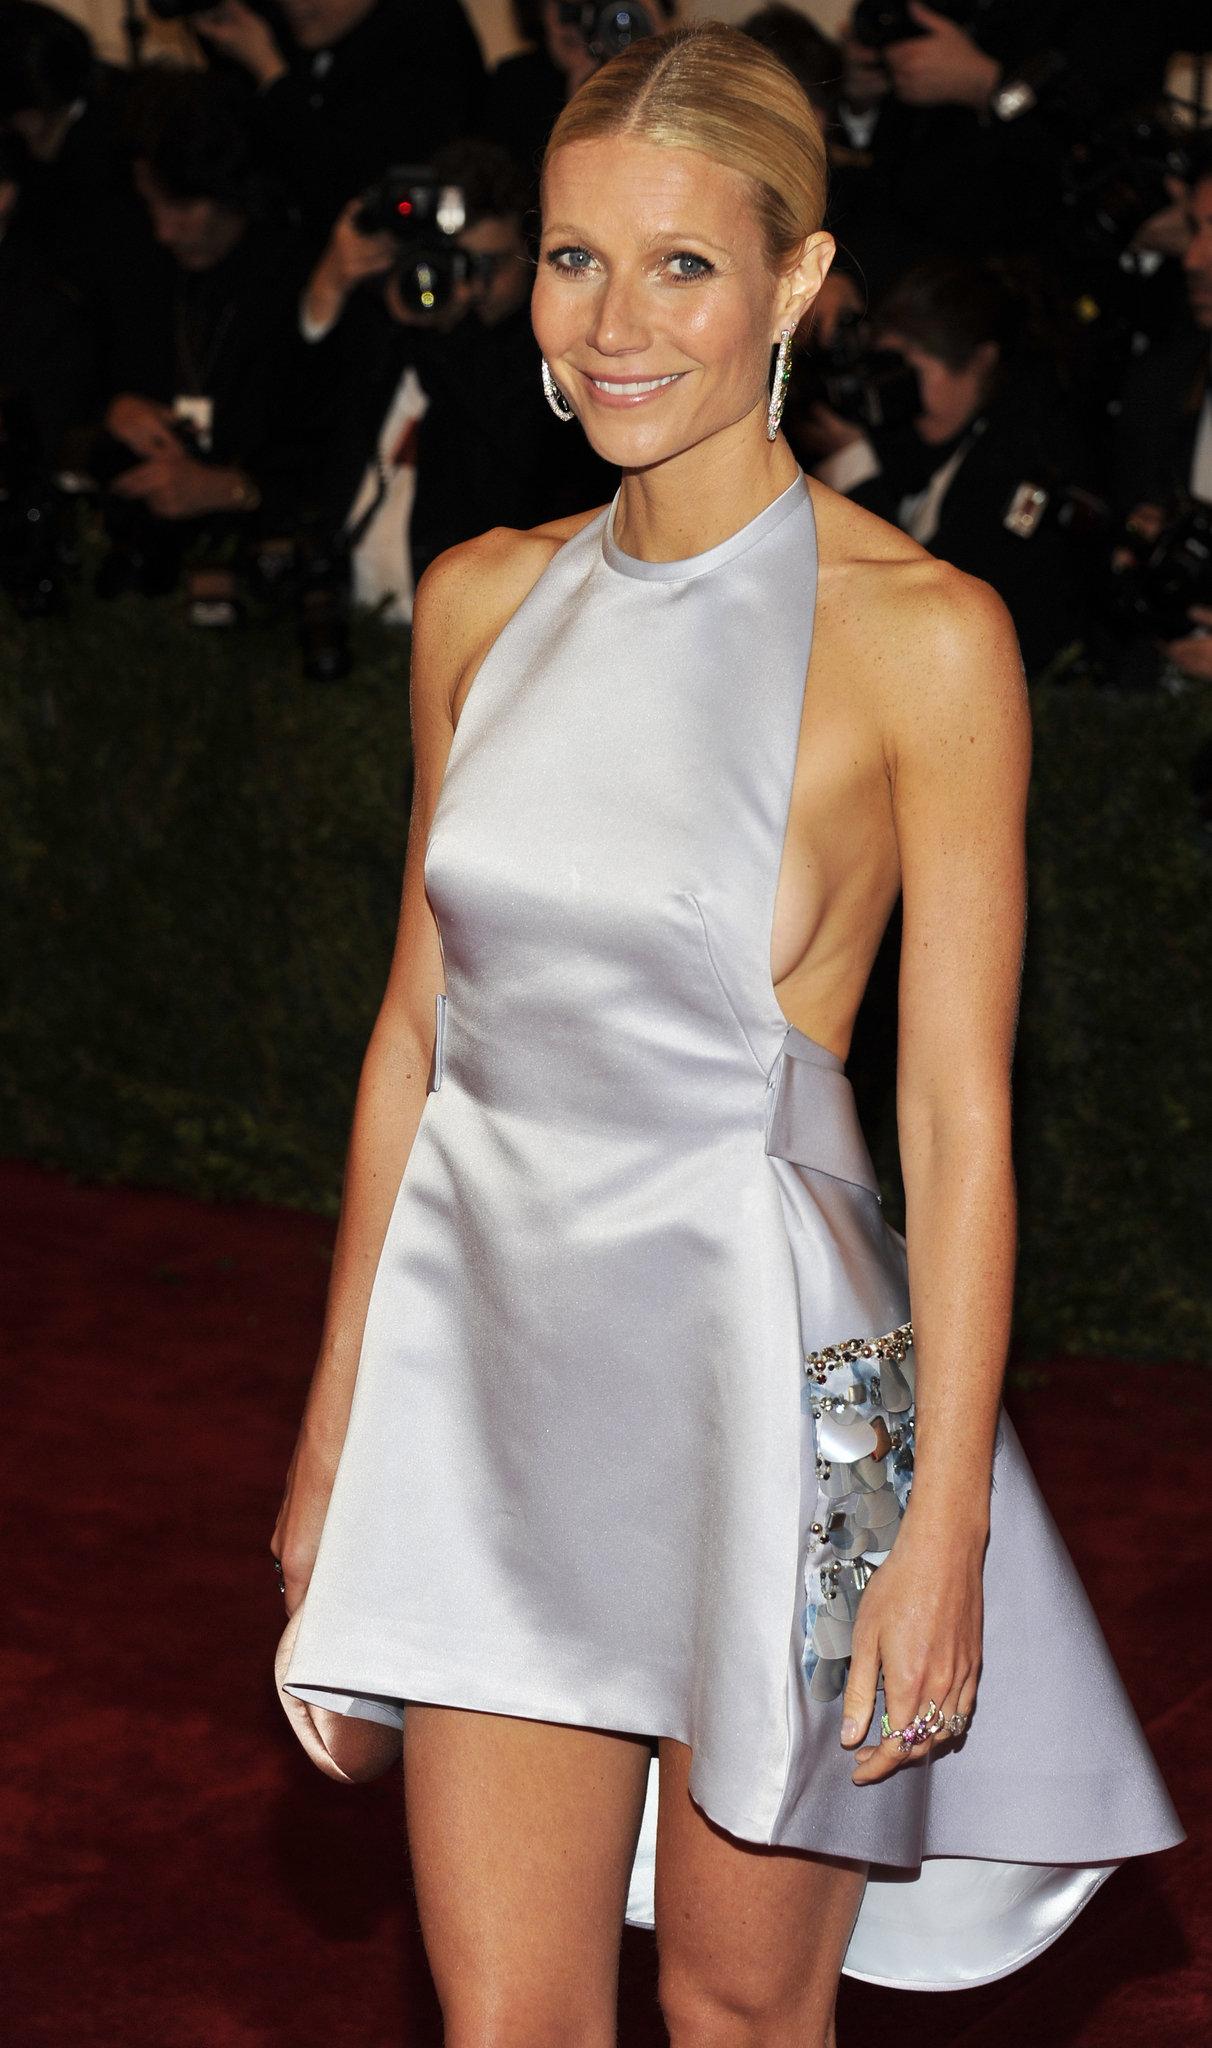 Gwyneth Paltrow - 2012 Met Gala